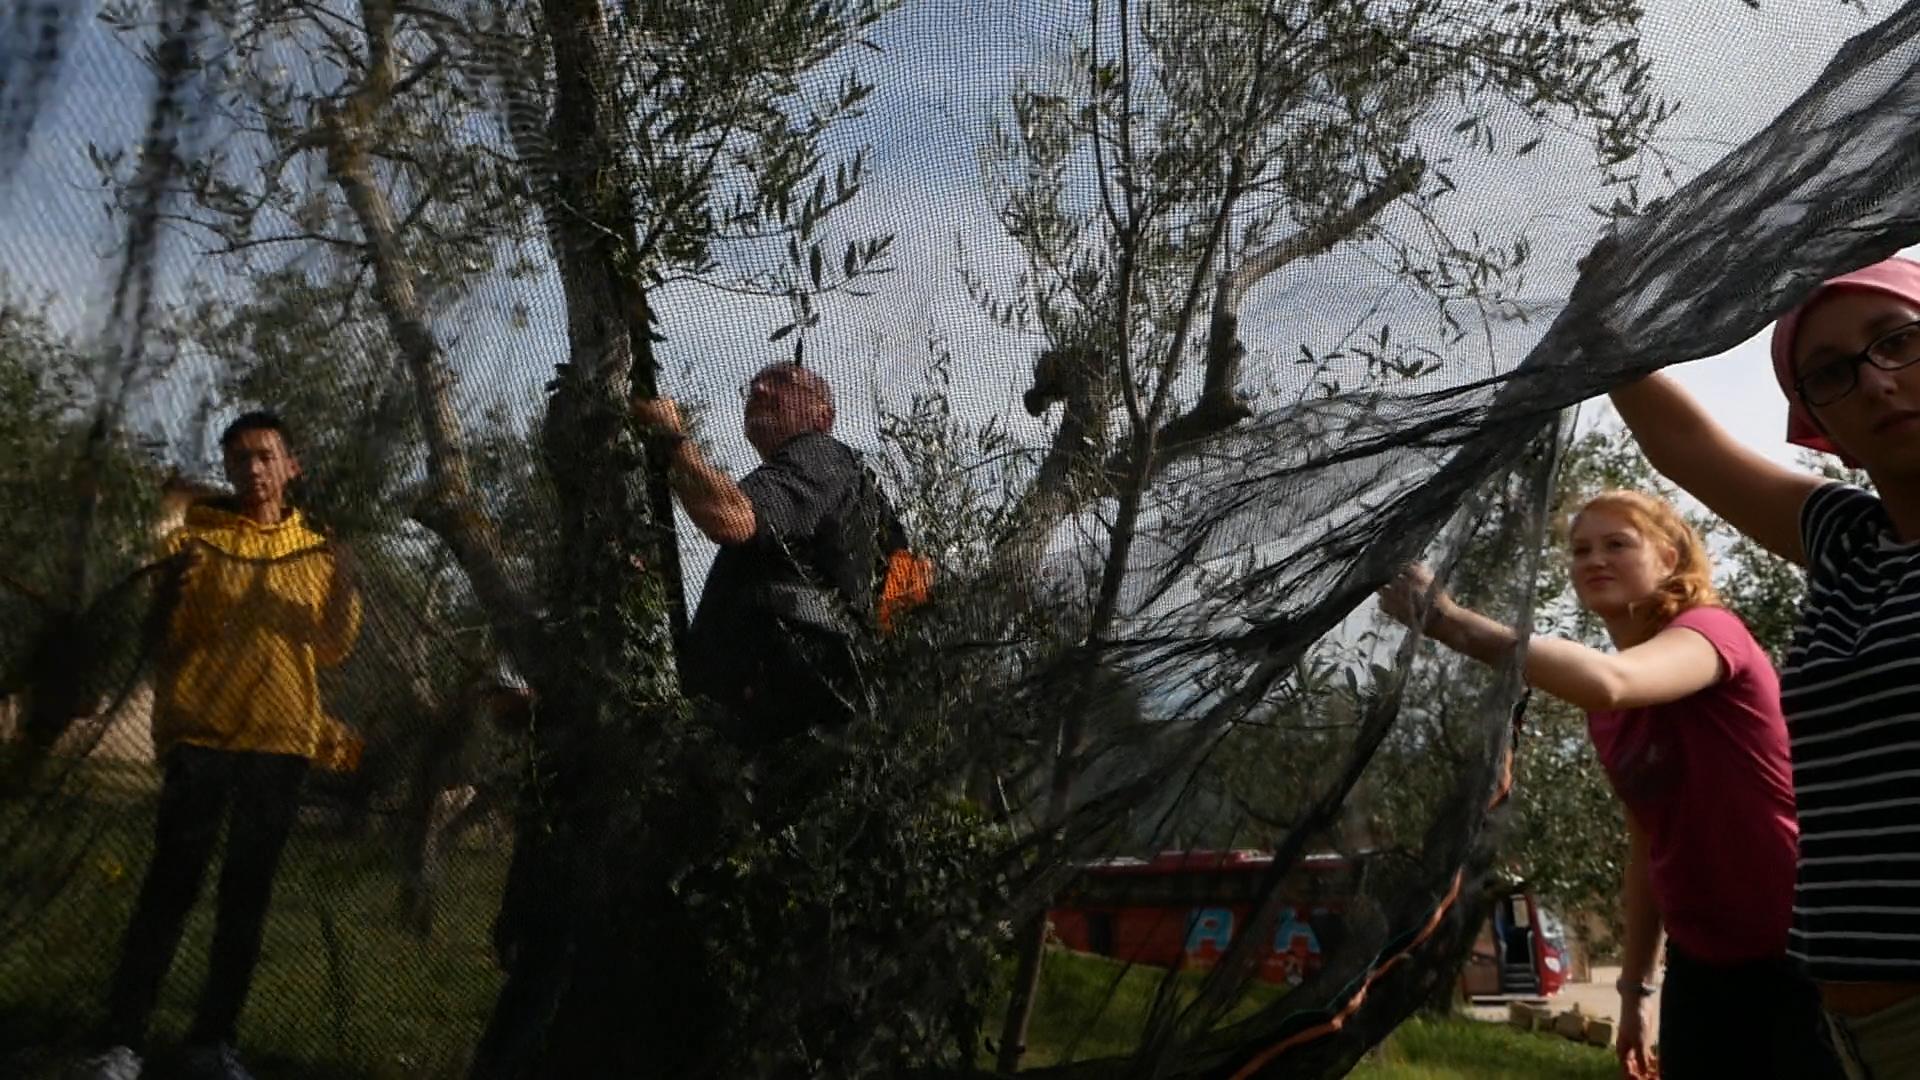 Esperienza sensoriale Assisi Tili Vini - Raccogliamo le olive insieme 3